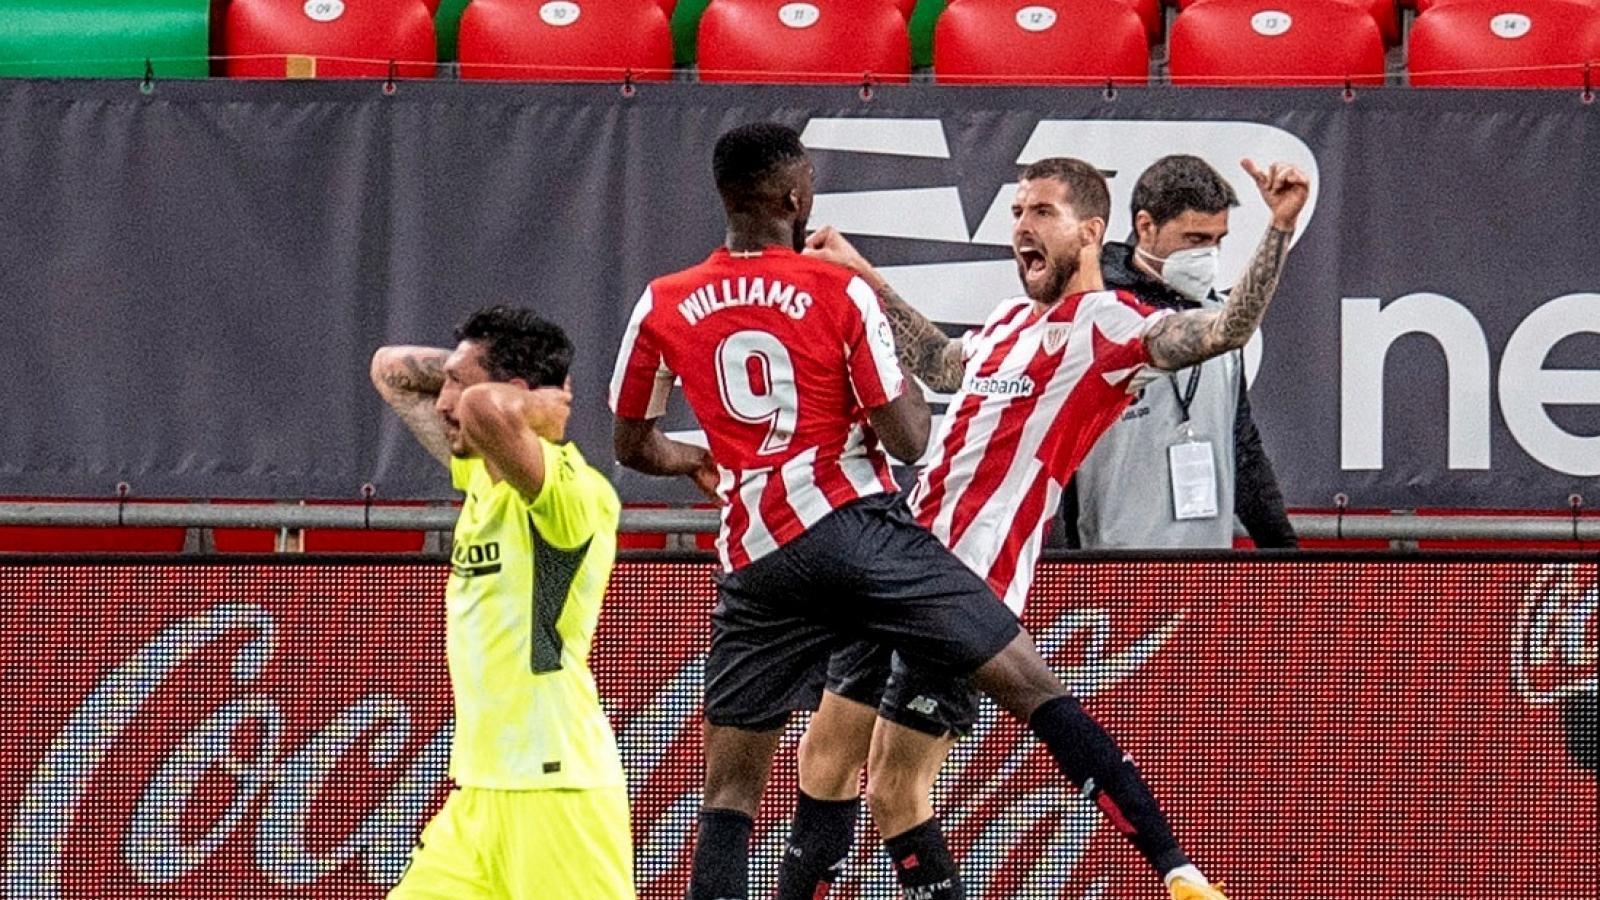 2-1. Iñigo Martínez derrota al Atlético y aprieta la liga